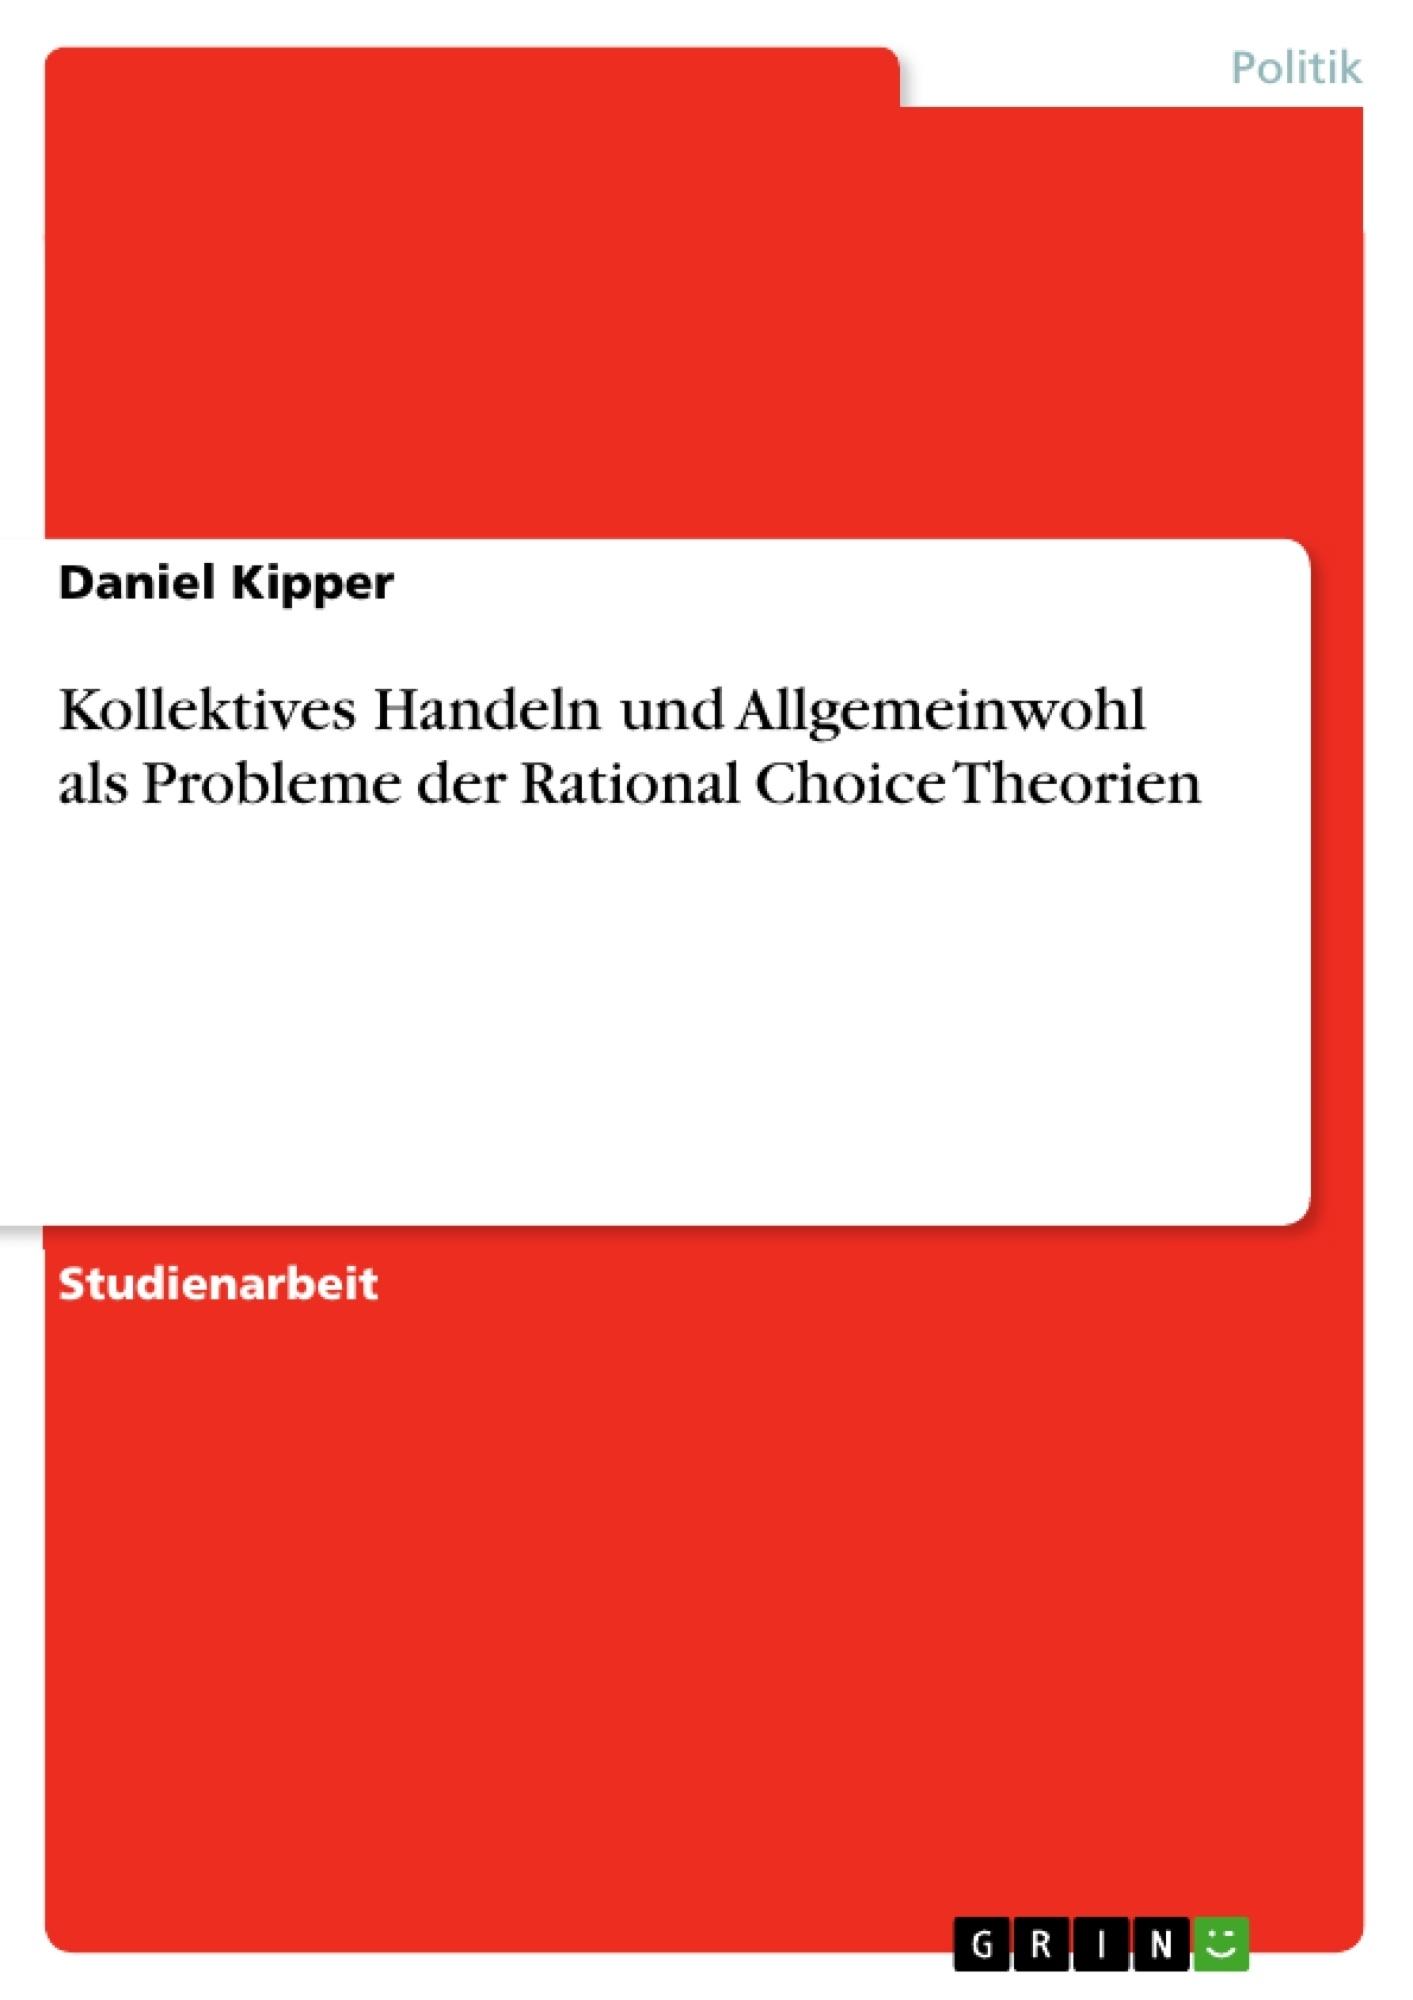 Titel: Kollektives Handeln und Allgemeinwohl als Probleme der Rational Choice Theorien